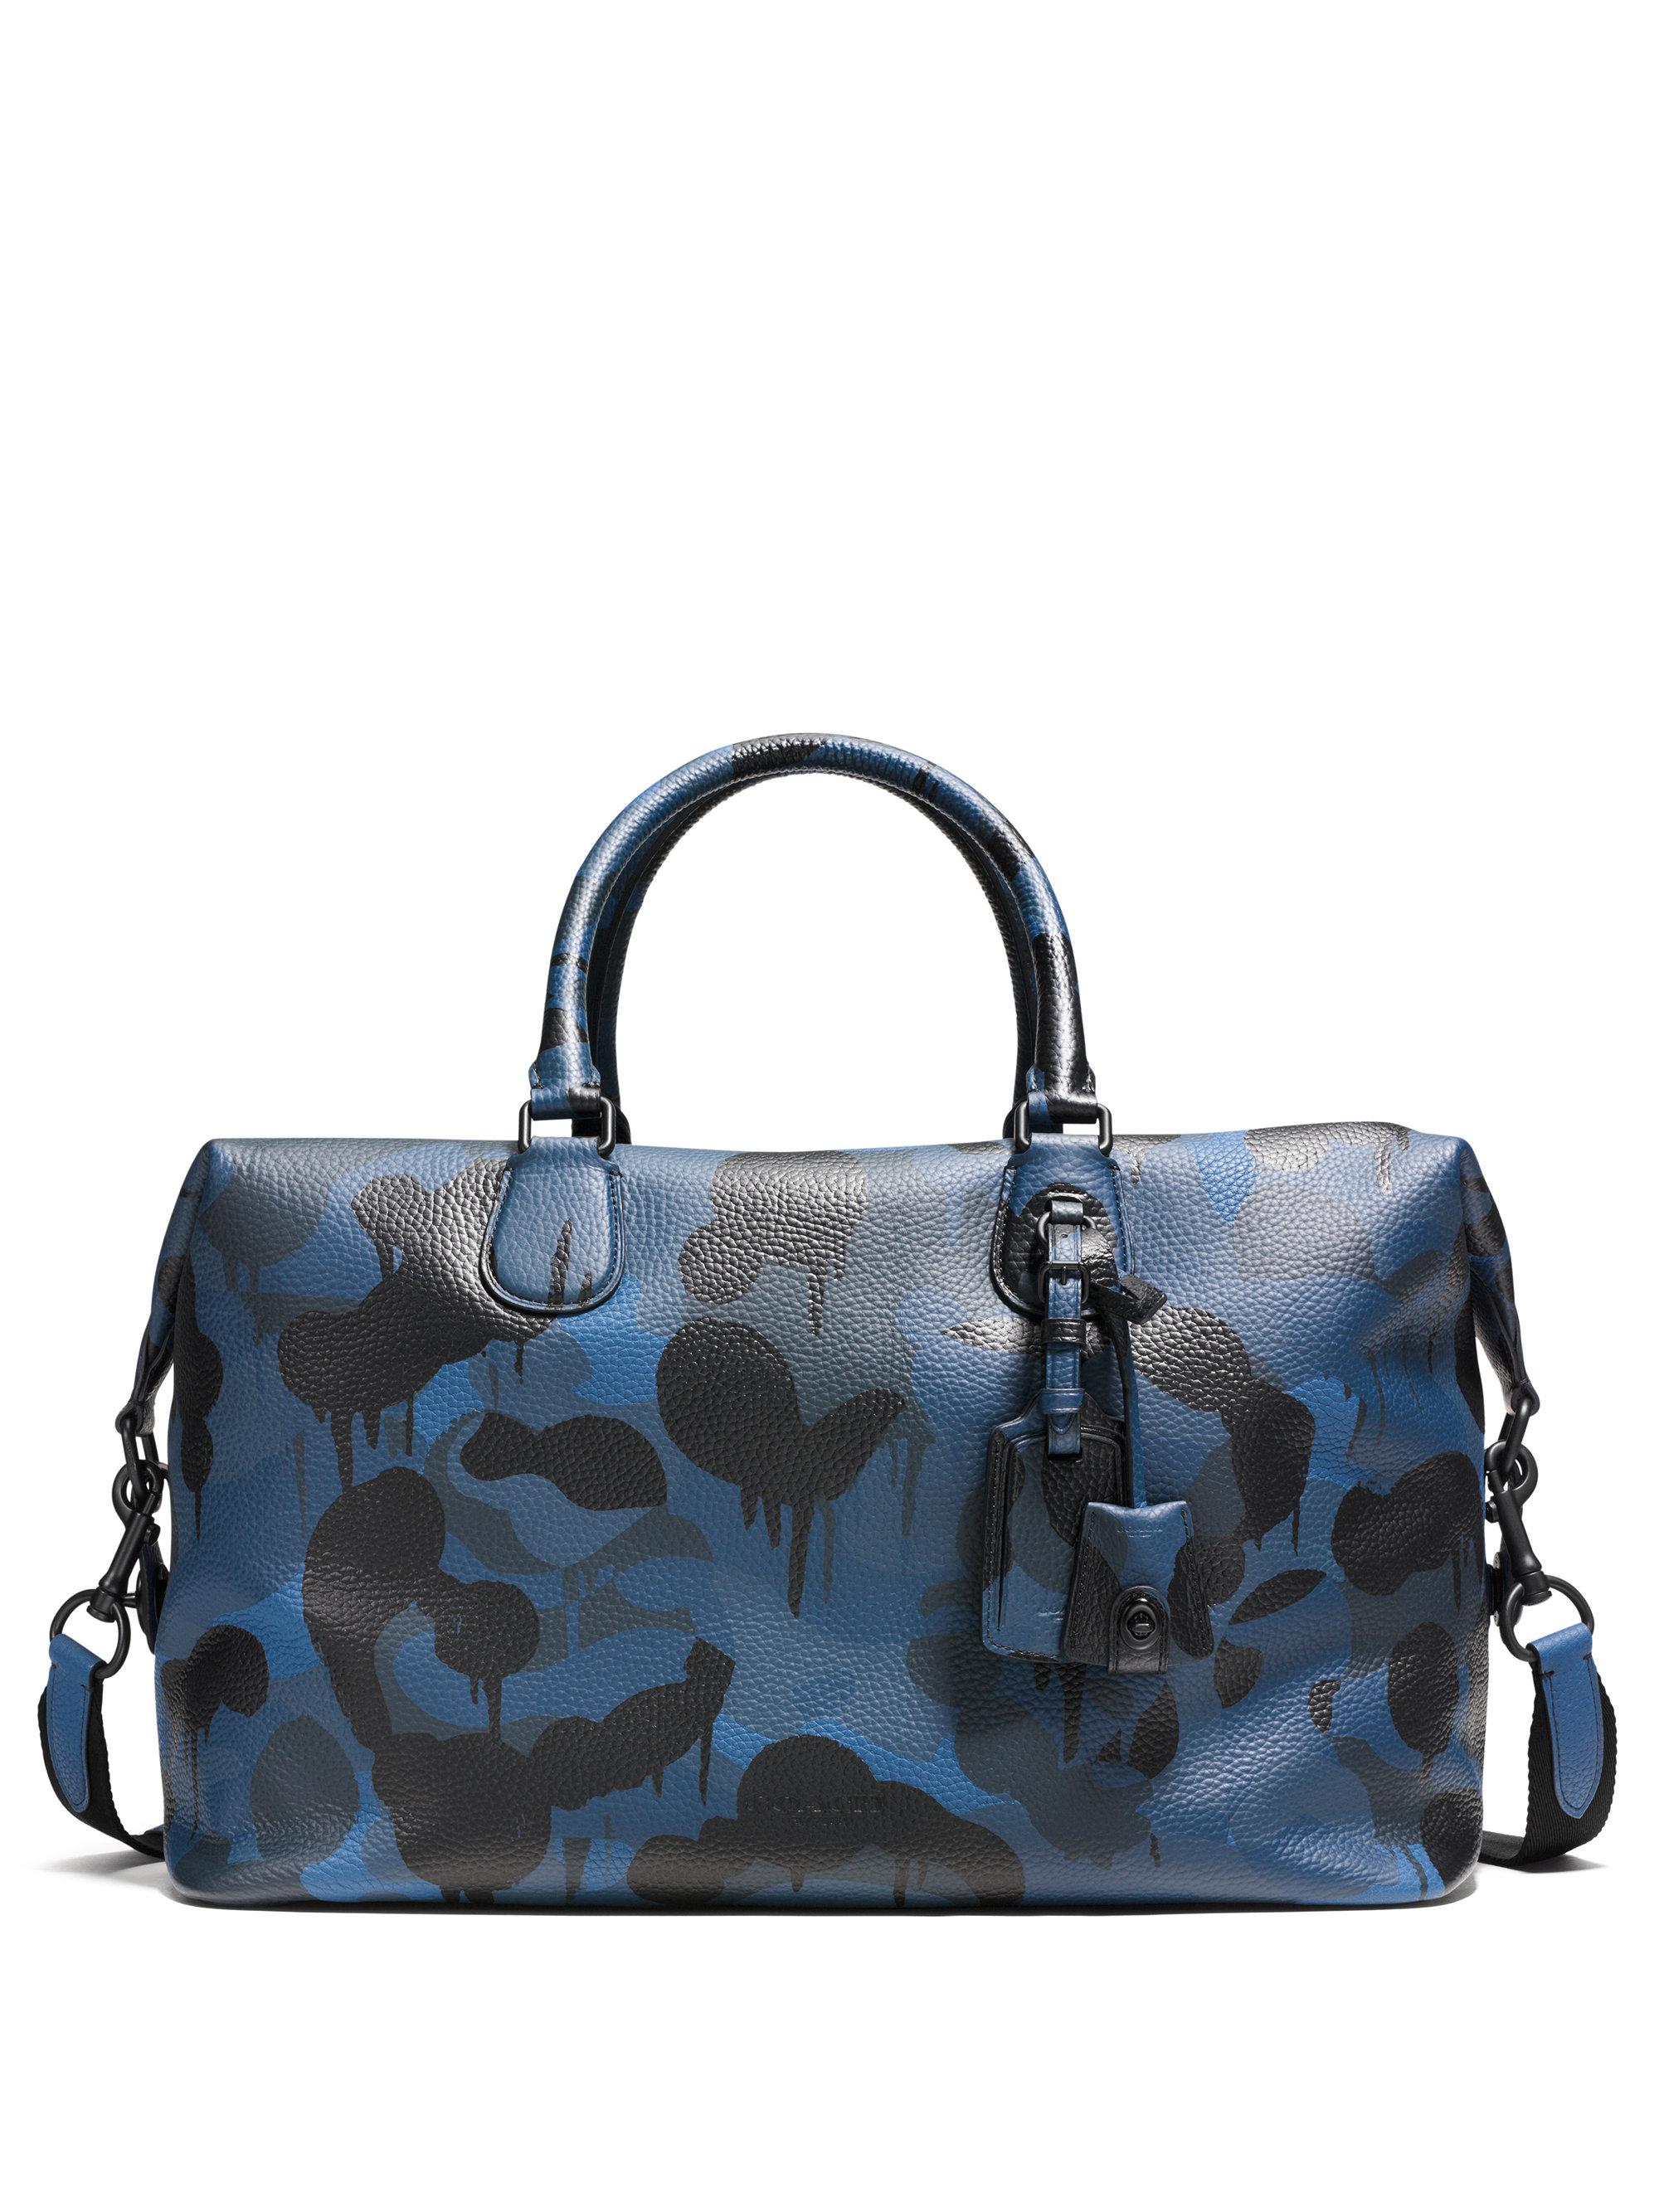 Men S Coach Travel Duffle Bag